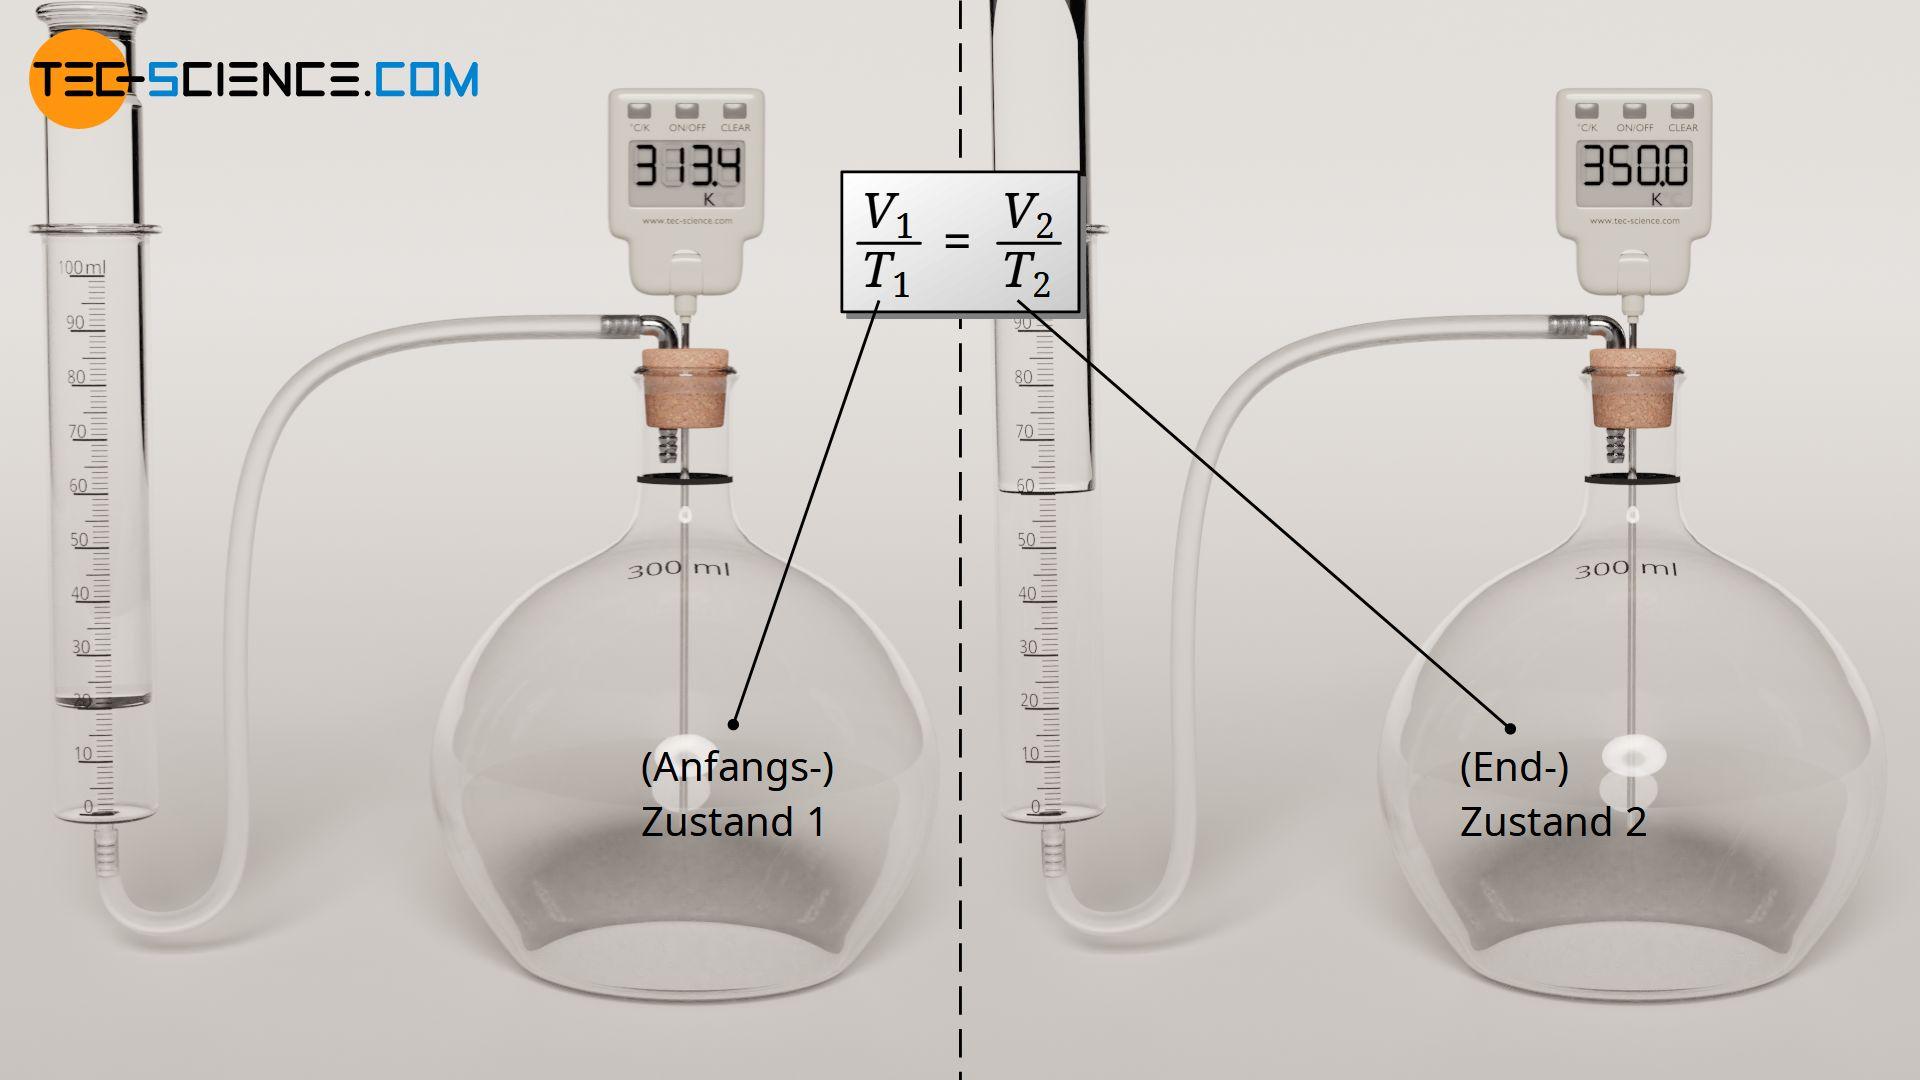 Verknüpfung zweier Zustände bei einem isobaren Prozess